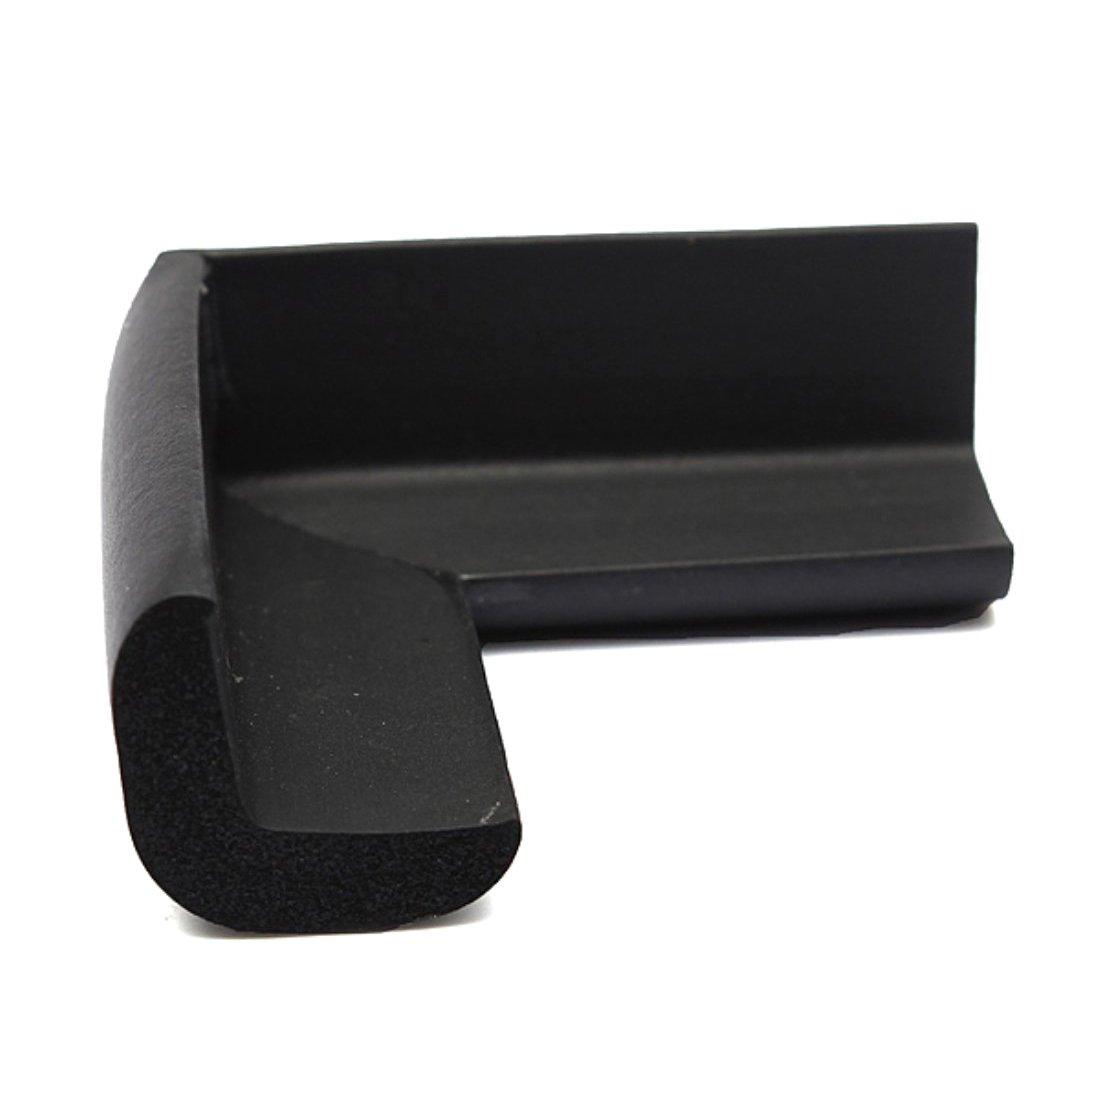 WOVELOT Protection des bords des meubles Protection de coin de table anti collision Bande de securite doux anti Noir collision pour les bebes